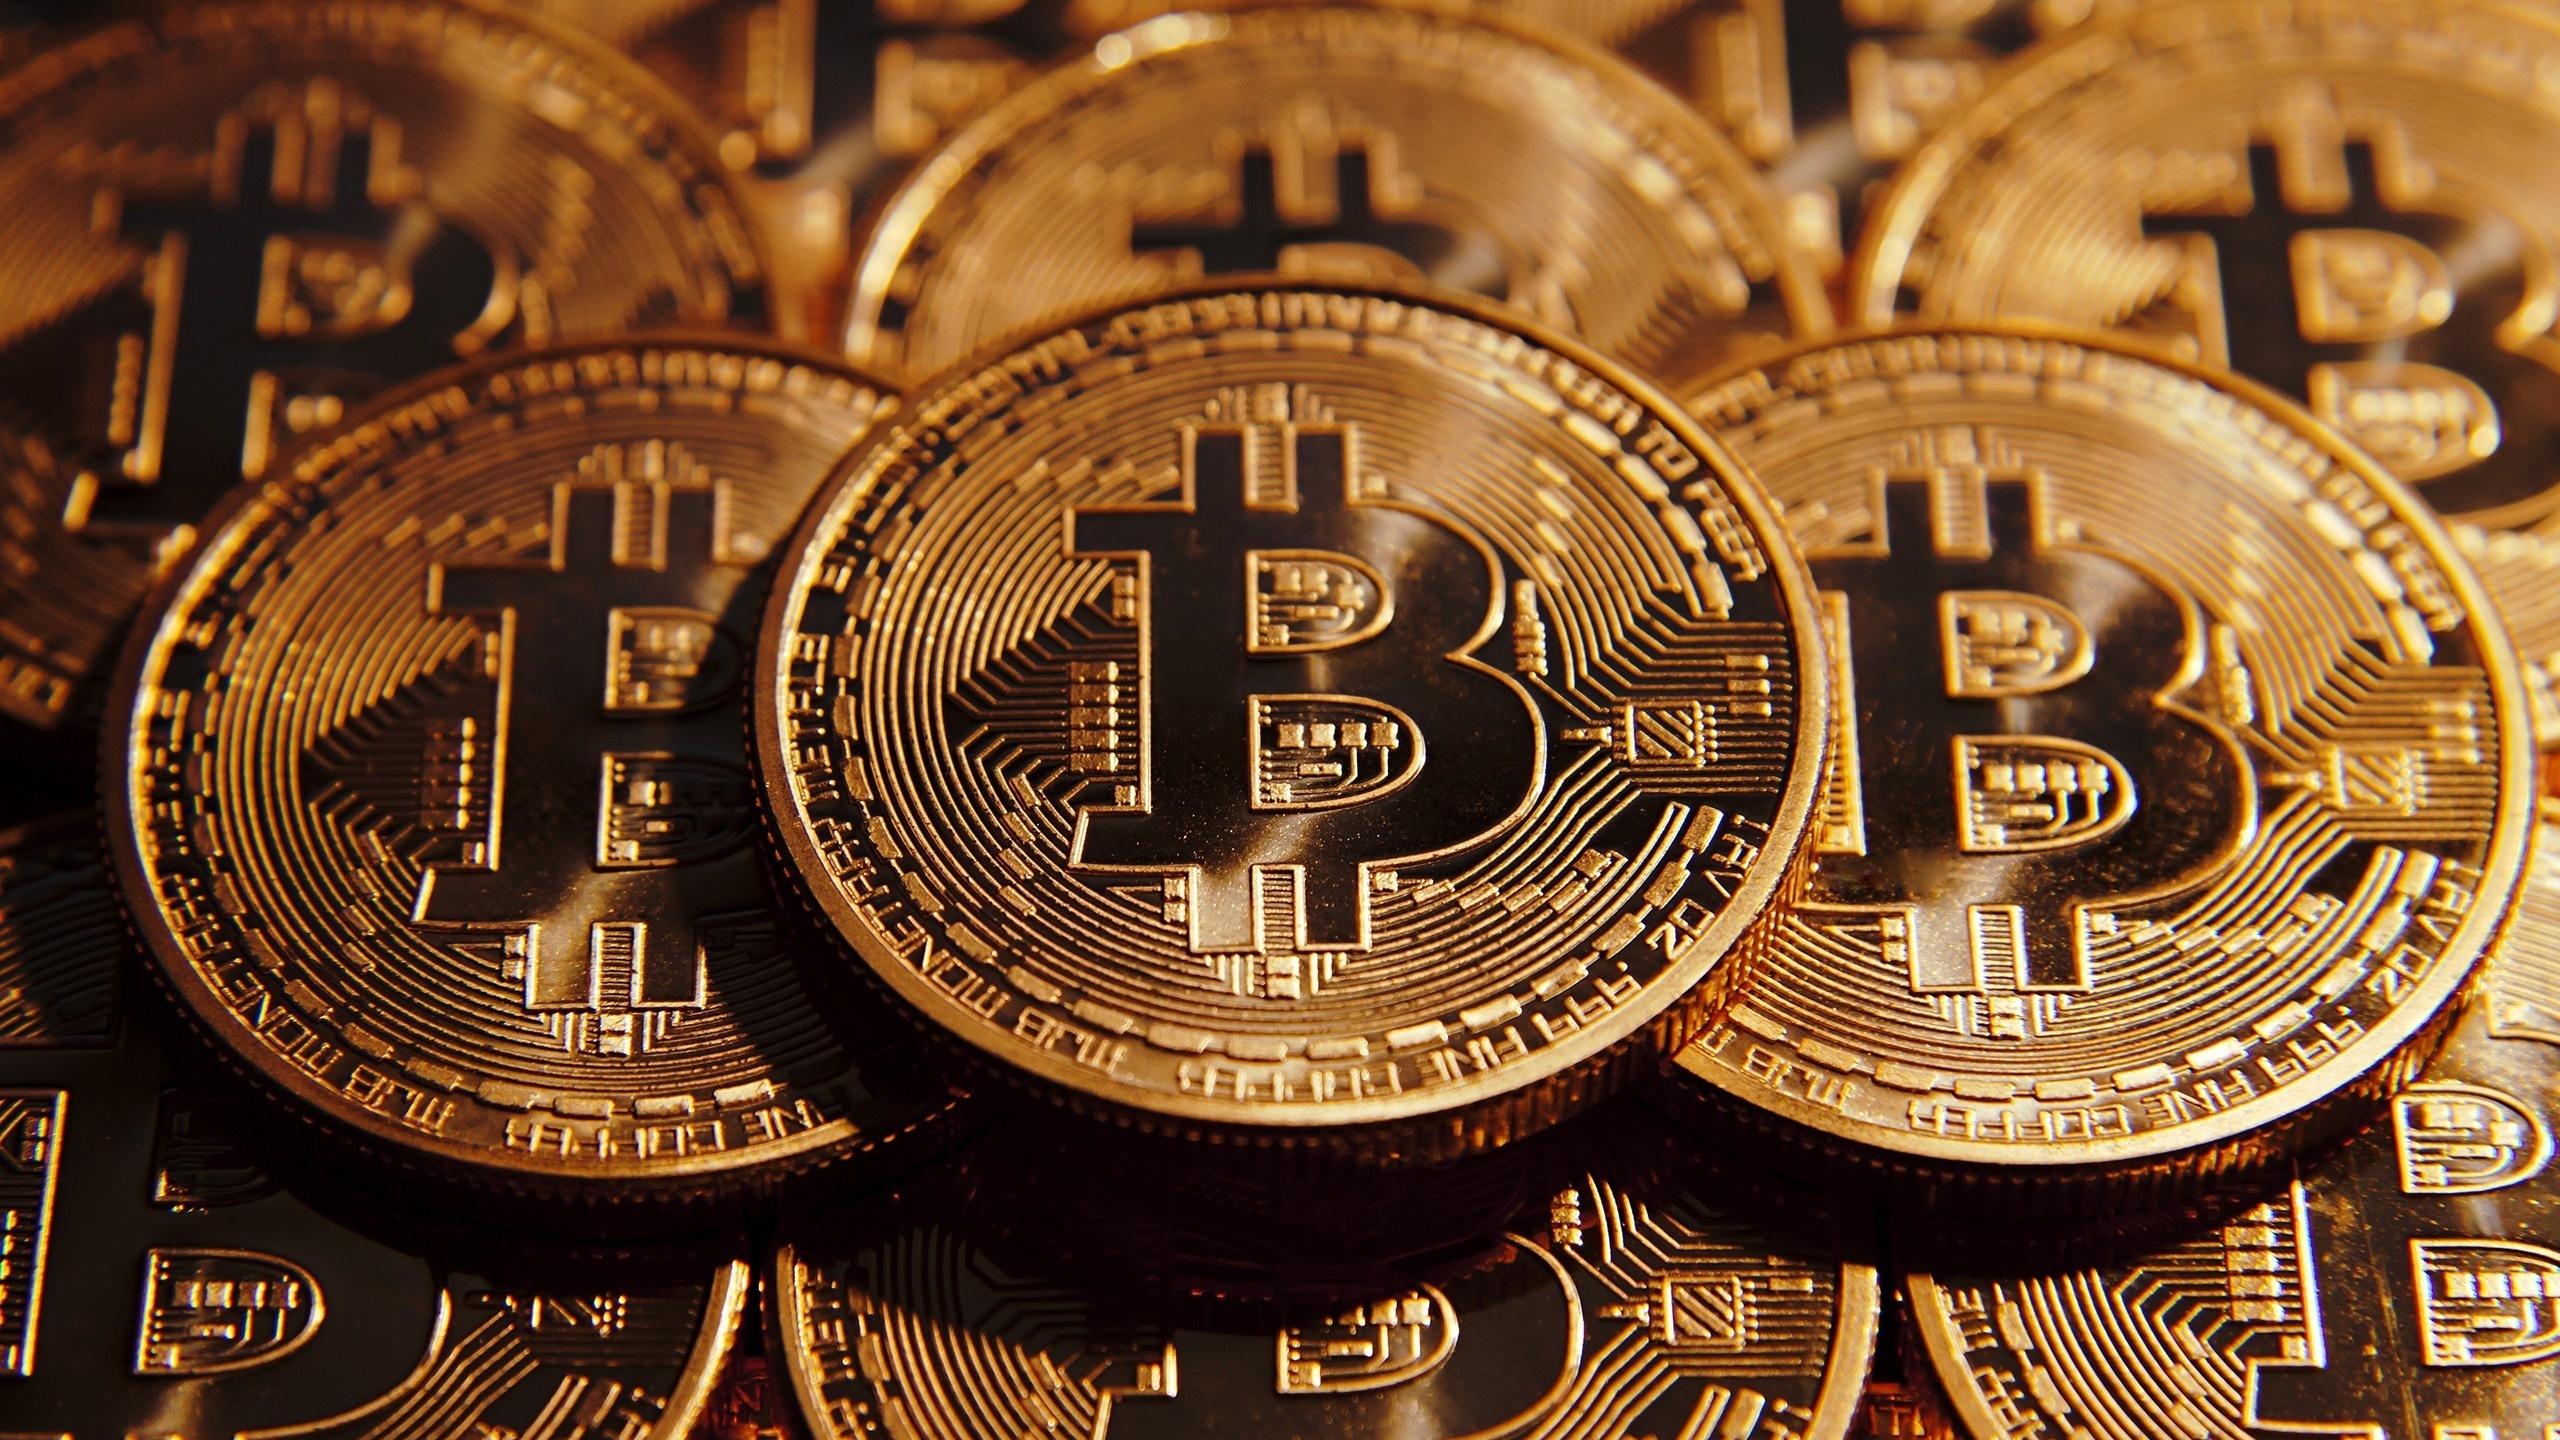 картинки криптовалюта в хорошем качестве все